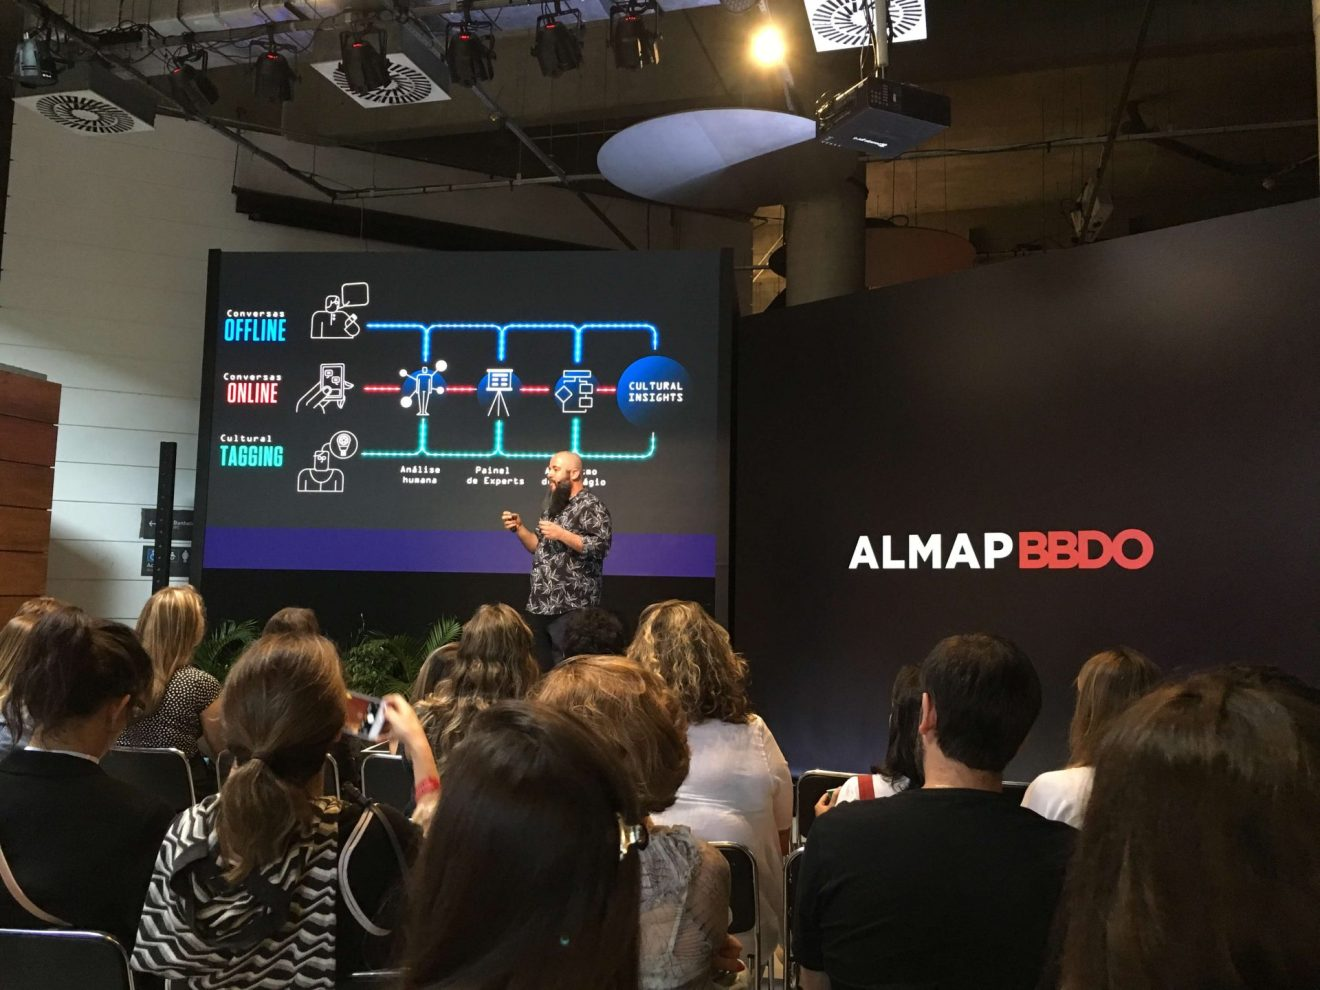 Eduardo Nasi, Diretor de Inteligência de Comunicação na AlmapBBDO